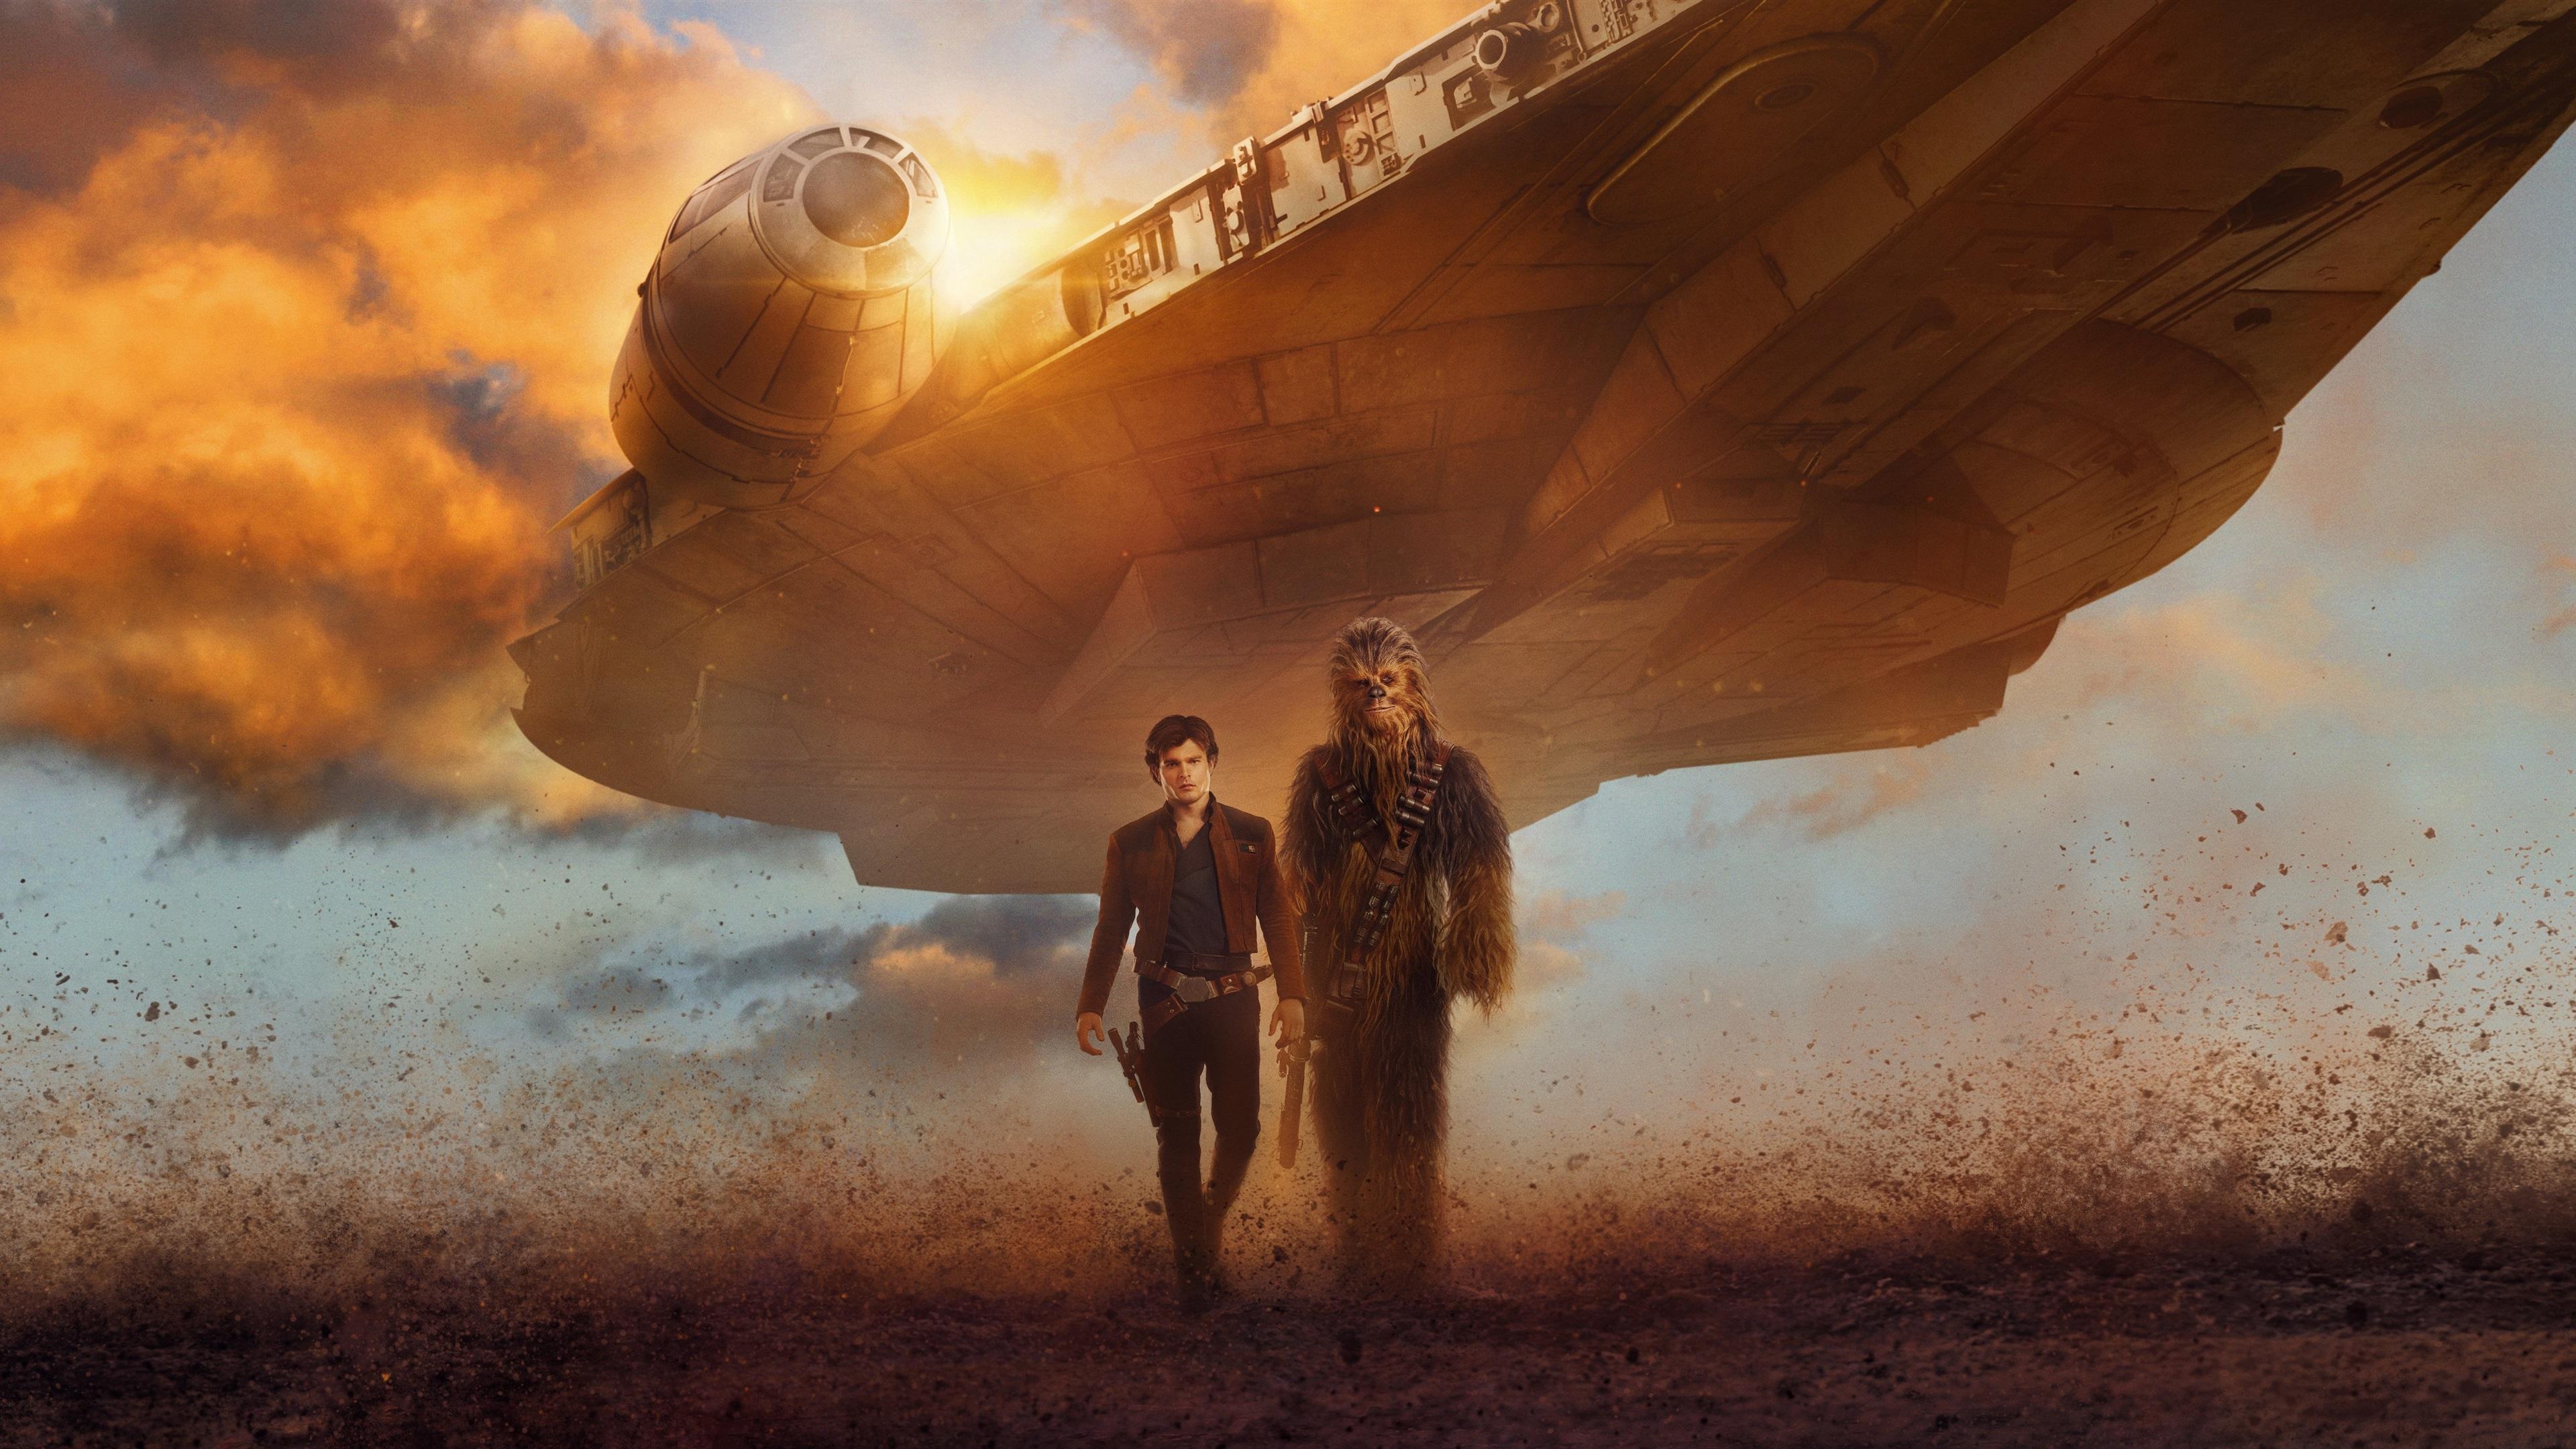 Star Wars Raumschiff Mann Krieger 3840x2160 Uhd 4k